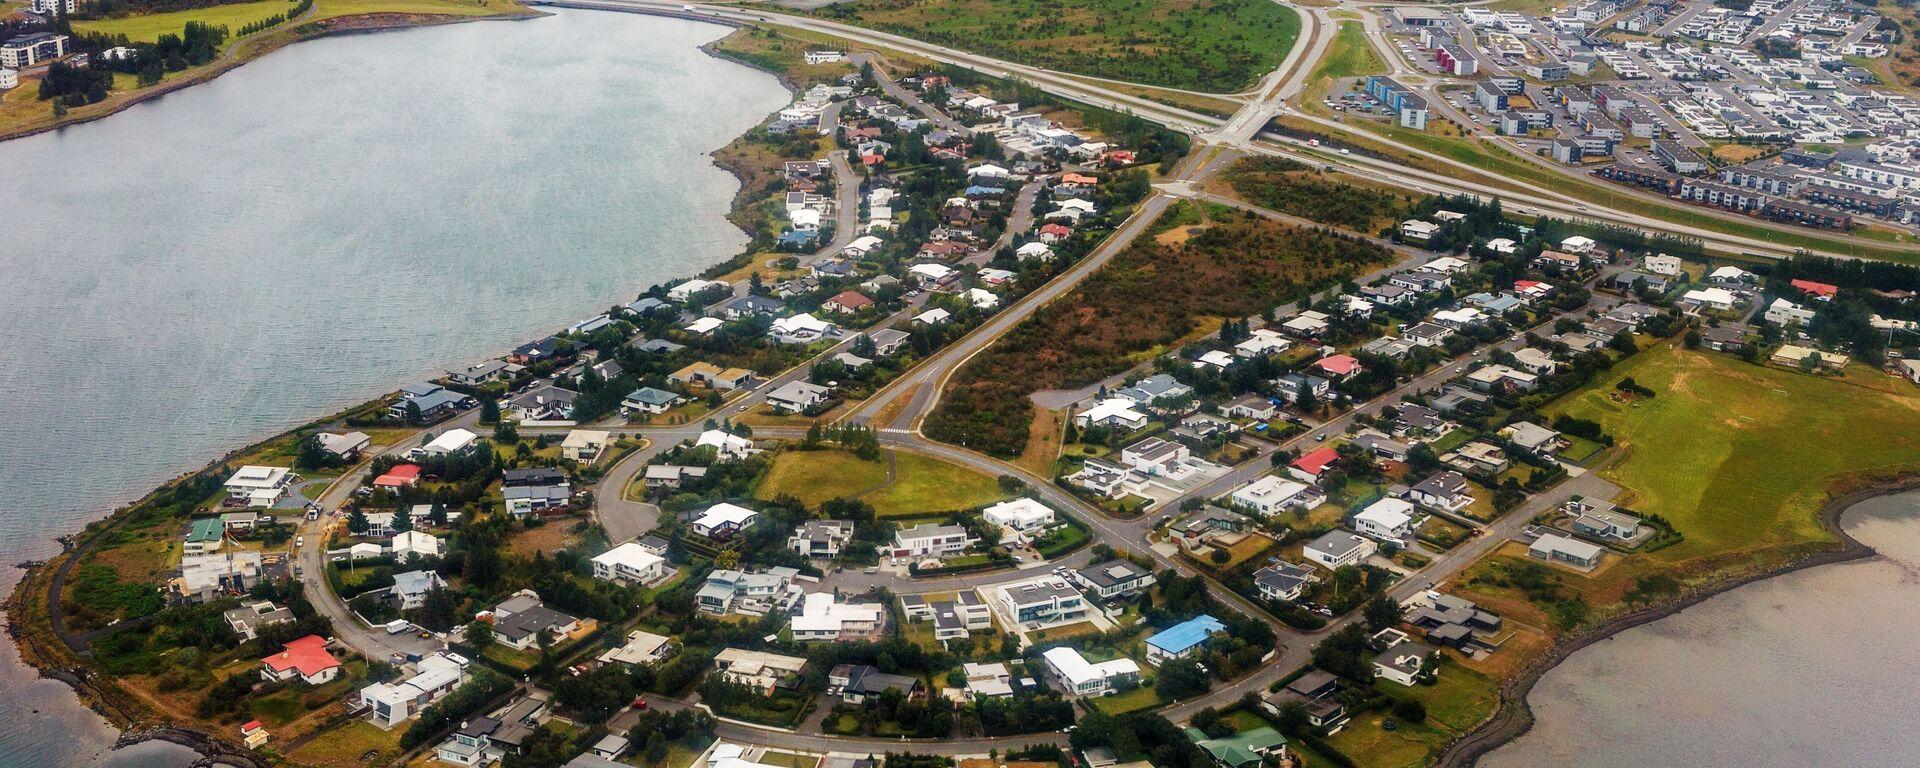 La città di Gardabaer, in Islanda - Sputnik Italia, 1920, 30.07.2021